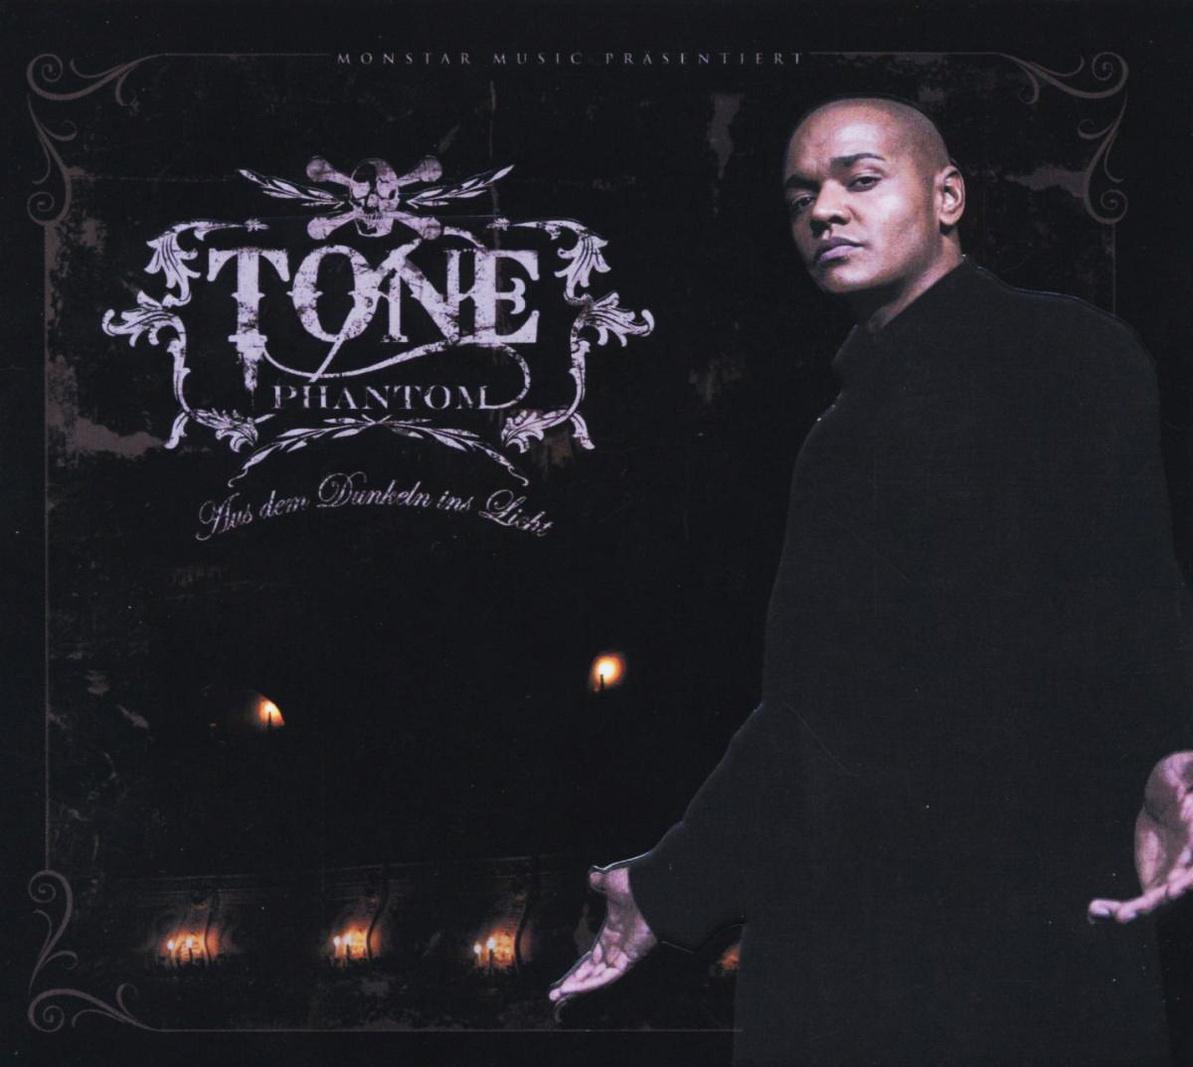 Tone - Phantom